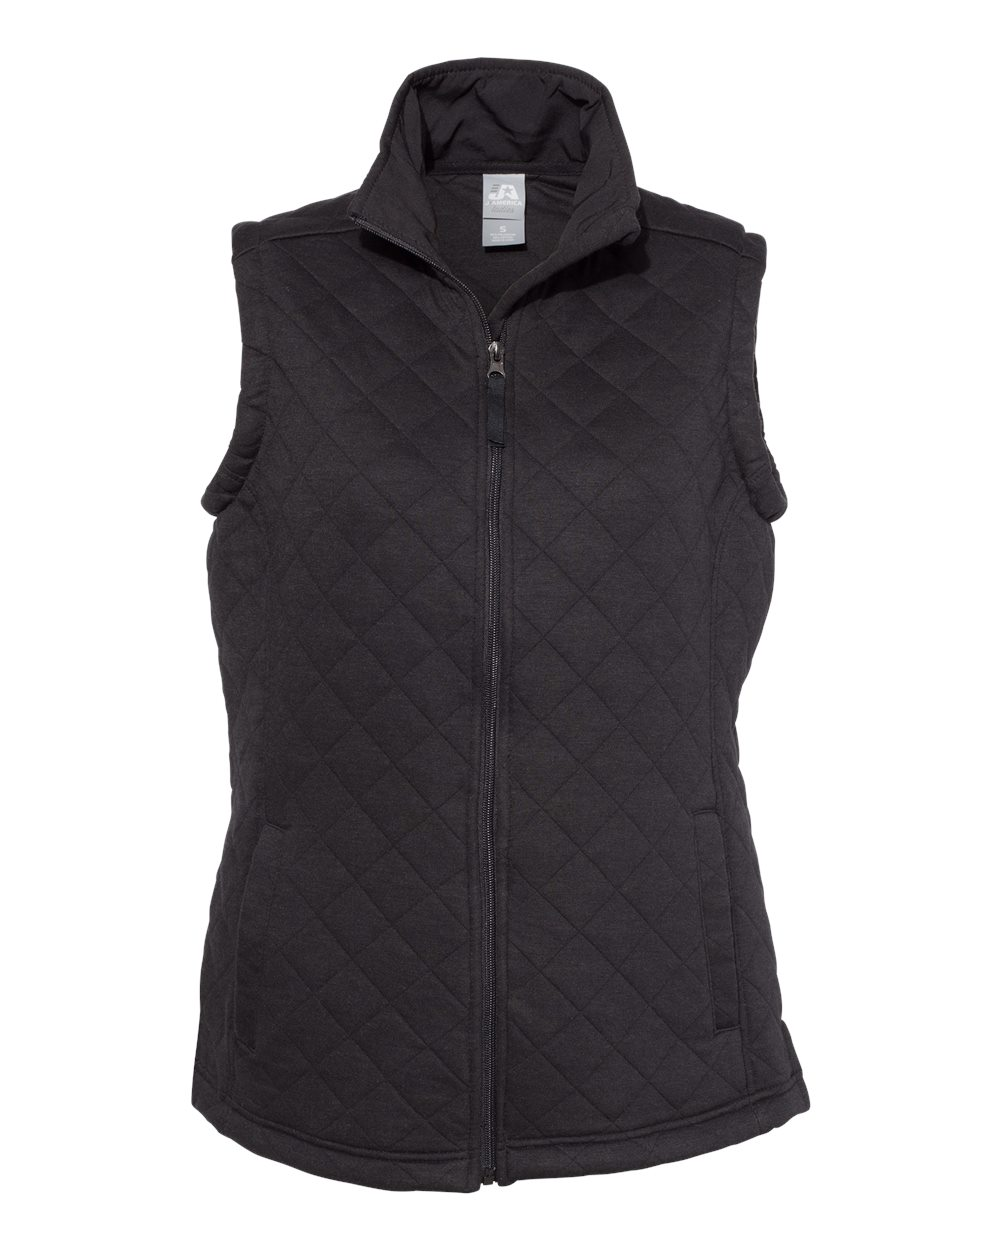 J. America - 8892 - Women's Quilted Full-Zip Vest